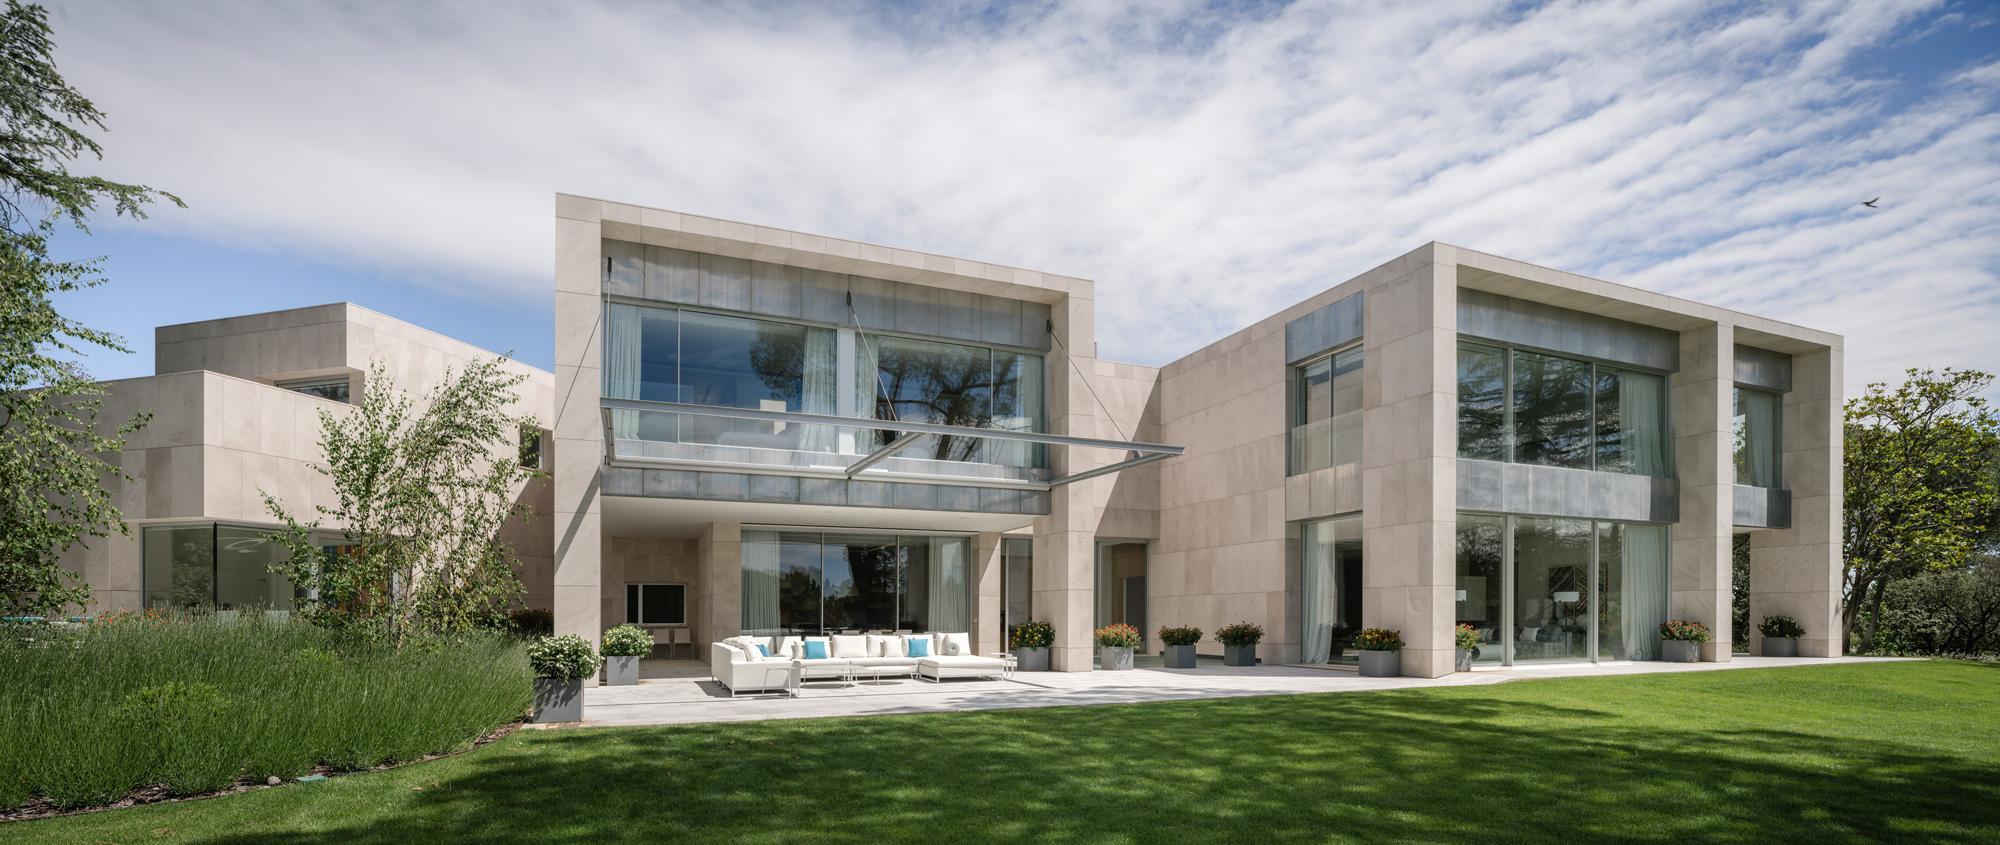 moraleja madrid darro18 arquitectos jose luis gahona fraga